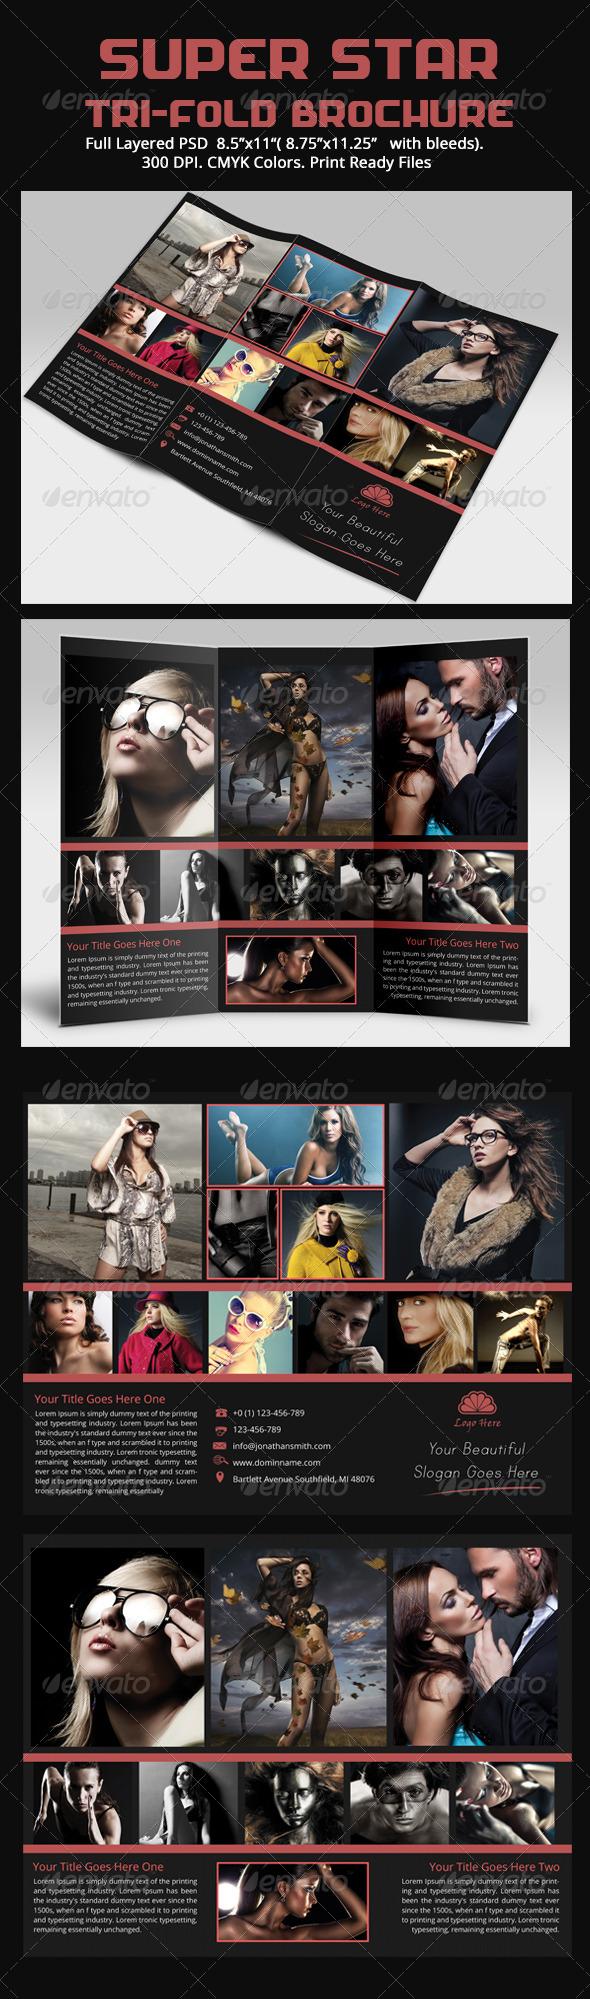 GraphicRiver Super Star Tri-Fold Brochure Templates 5472564